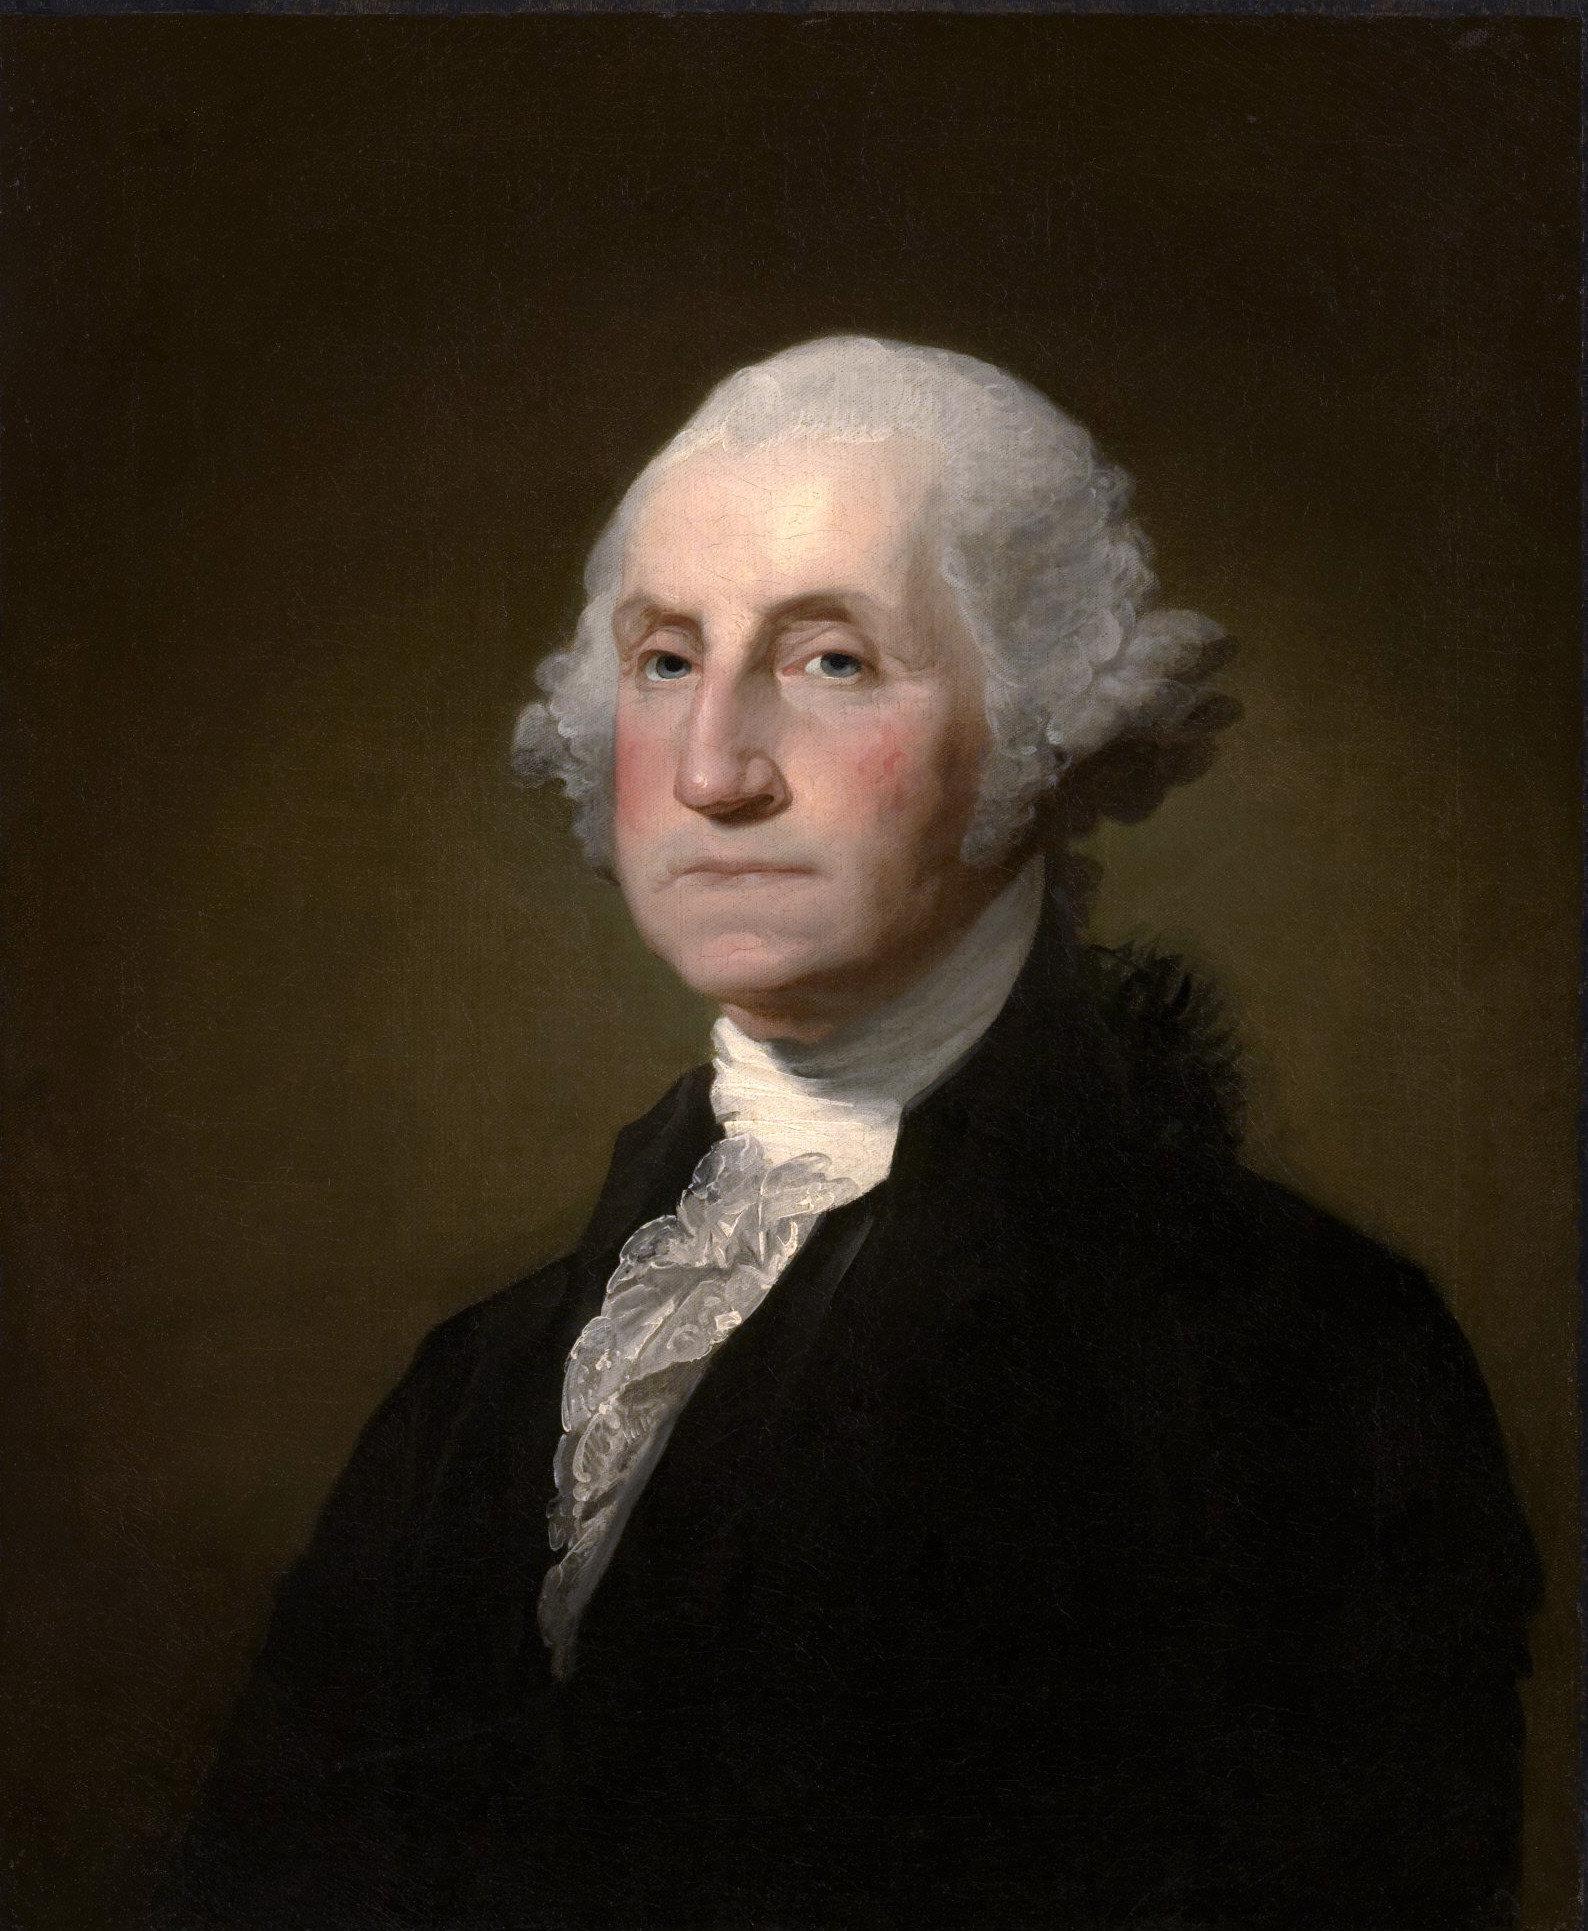 El retrato de George Washington de Gilbert Stuart, 1797